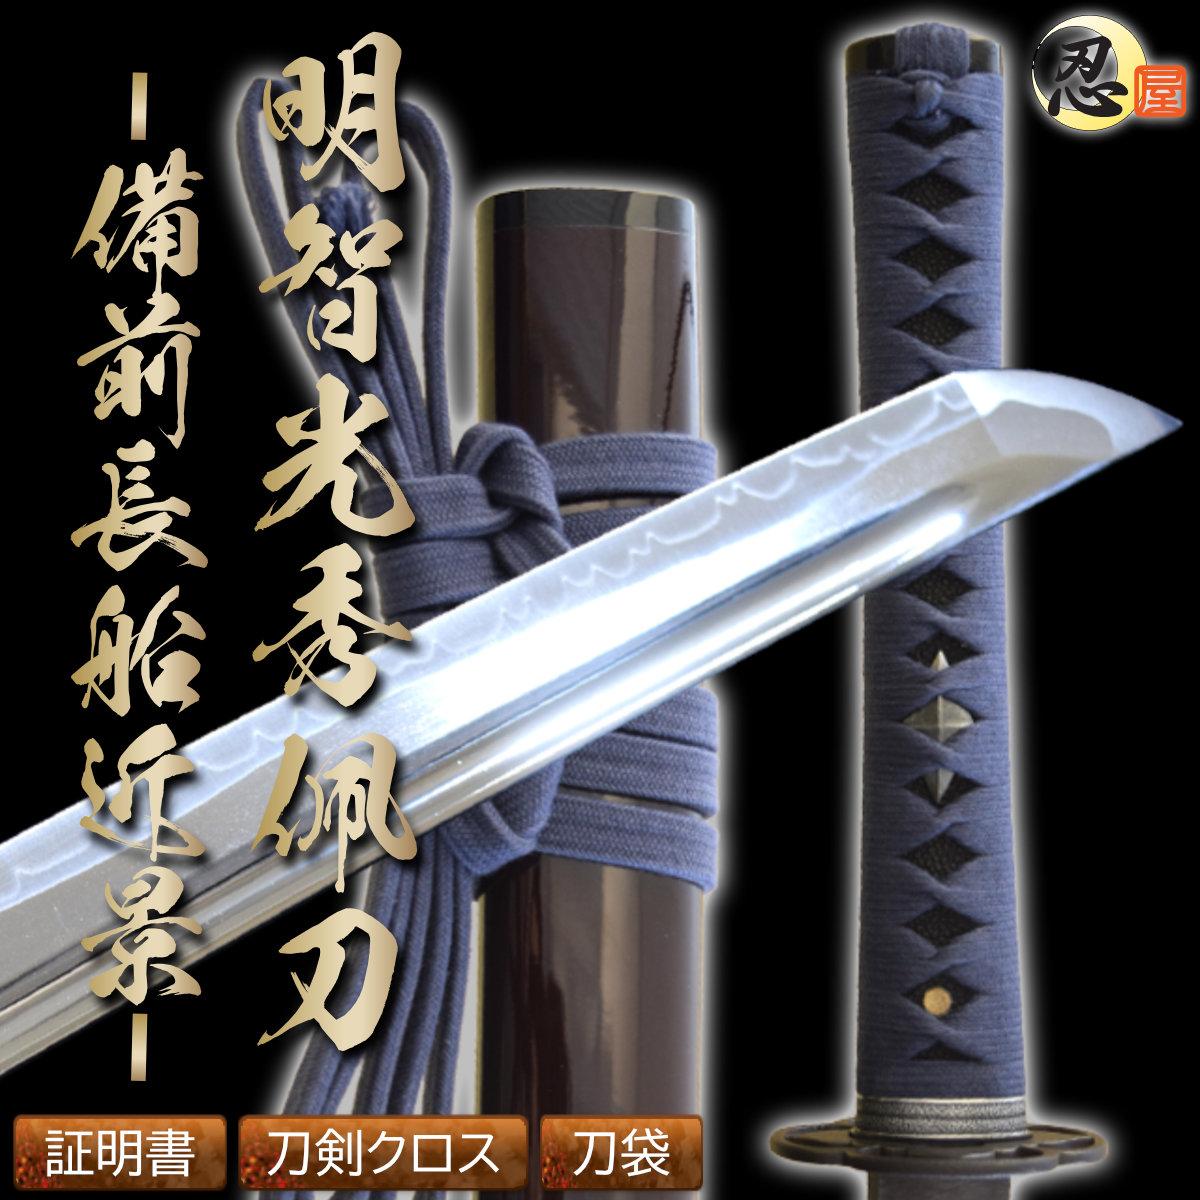 高級居合刀 明智光秀佩刀 -備前長船近景- (刀袋付き) 模擬刀剣証明書付き 数量限定即納品!